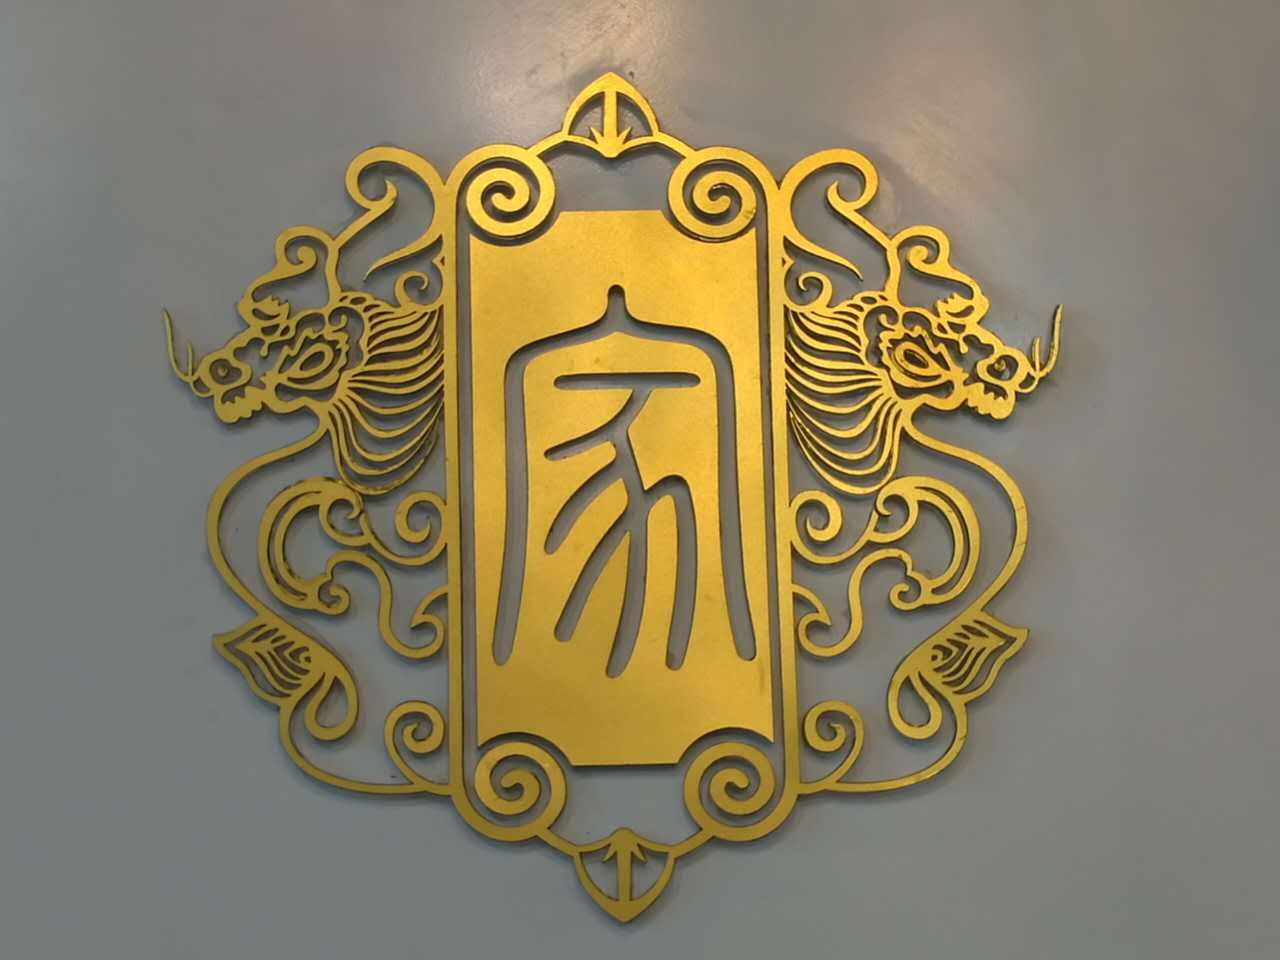 潍坊激光切割加工多少钱-潍坊激光切割厂家